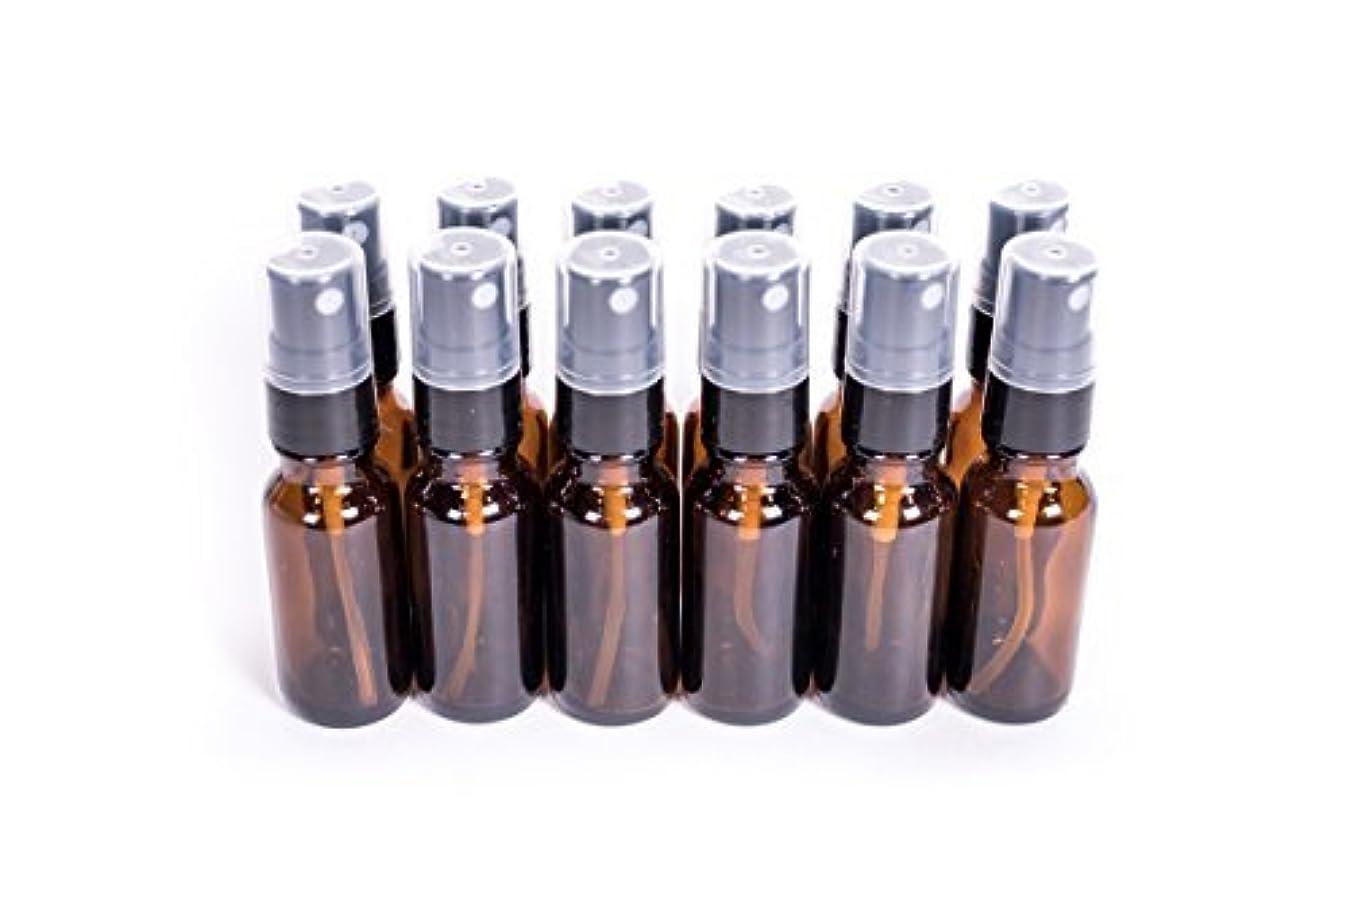 経済的短命ツーリストEverything4Oils 1/2oz(15ml) Amber Glass Bottle with Pump for Essential Oils (. [並行輸入品]